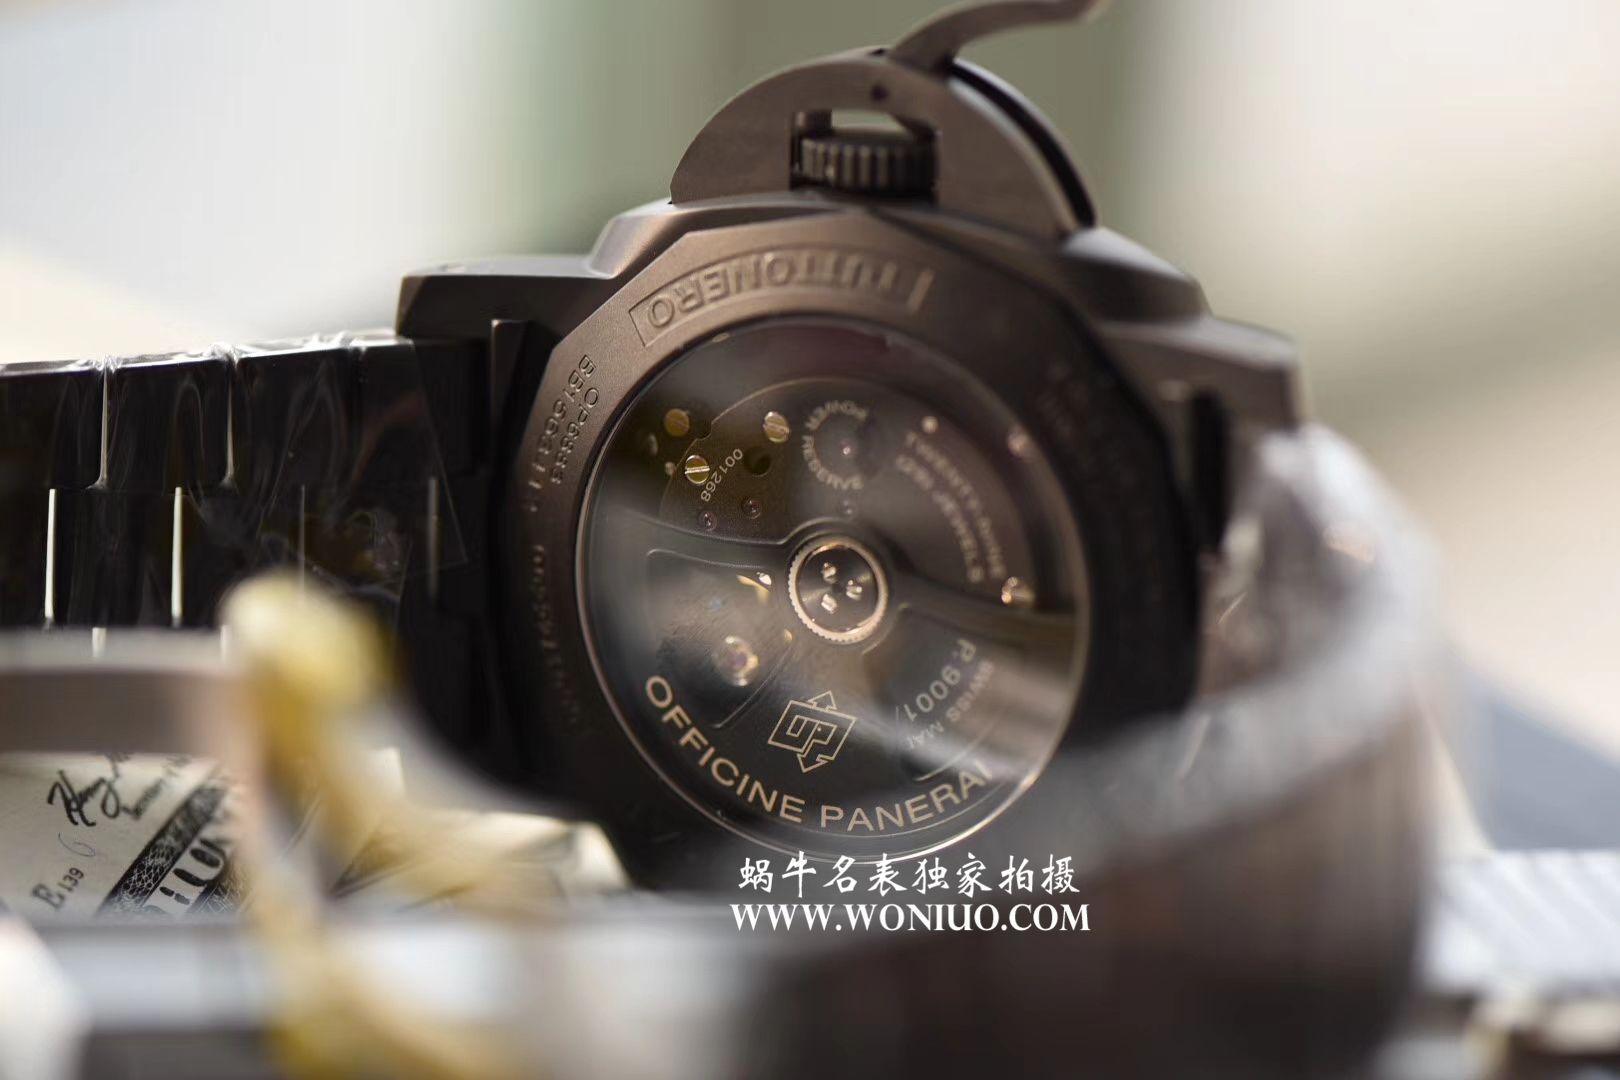 视频评测沛纳海LUMINOR 1950系列PAM00438腕表一比一复刻【VS出品沛纳海PAM00438手表V2版本】 / VSPAM00438MM